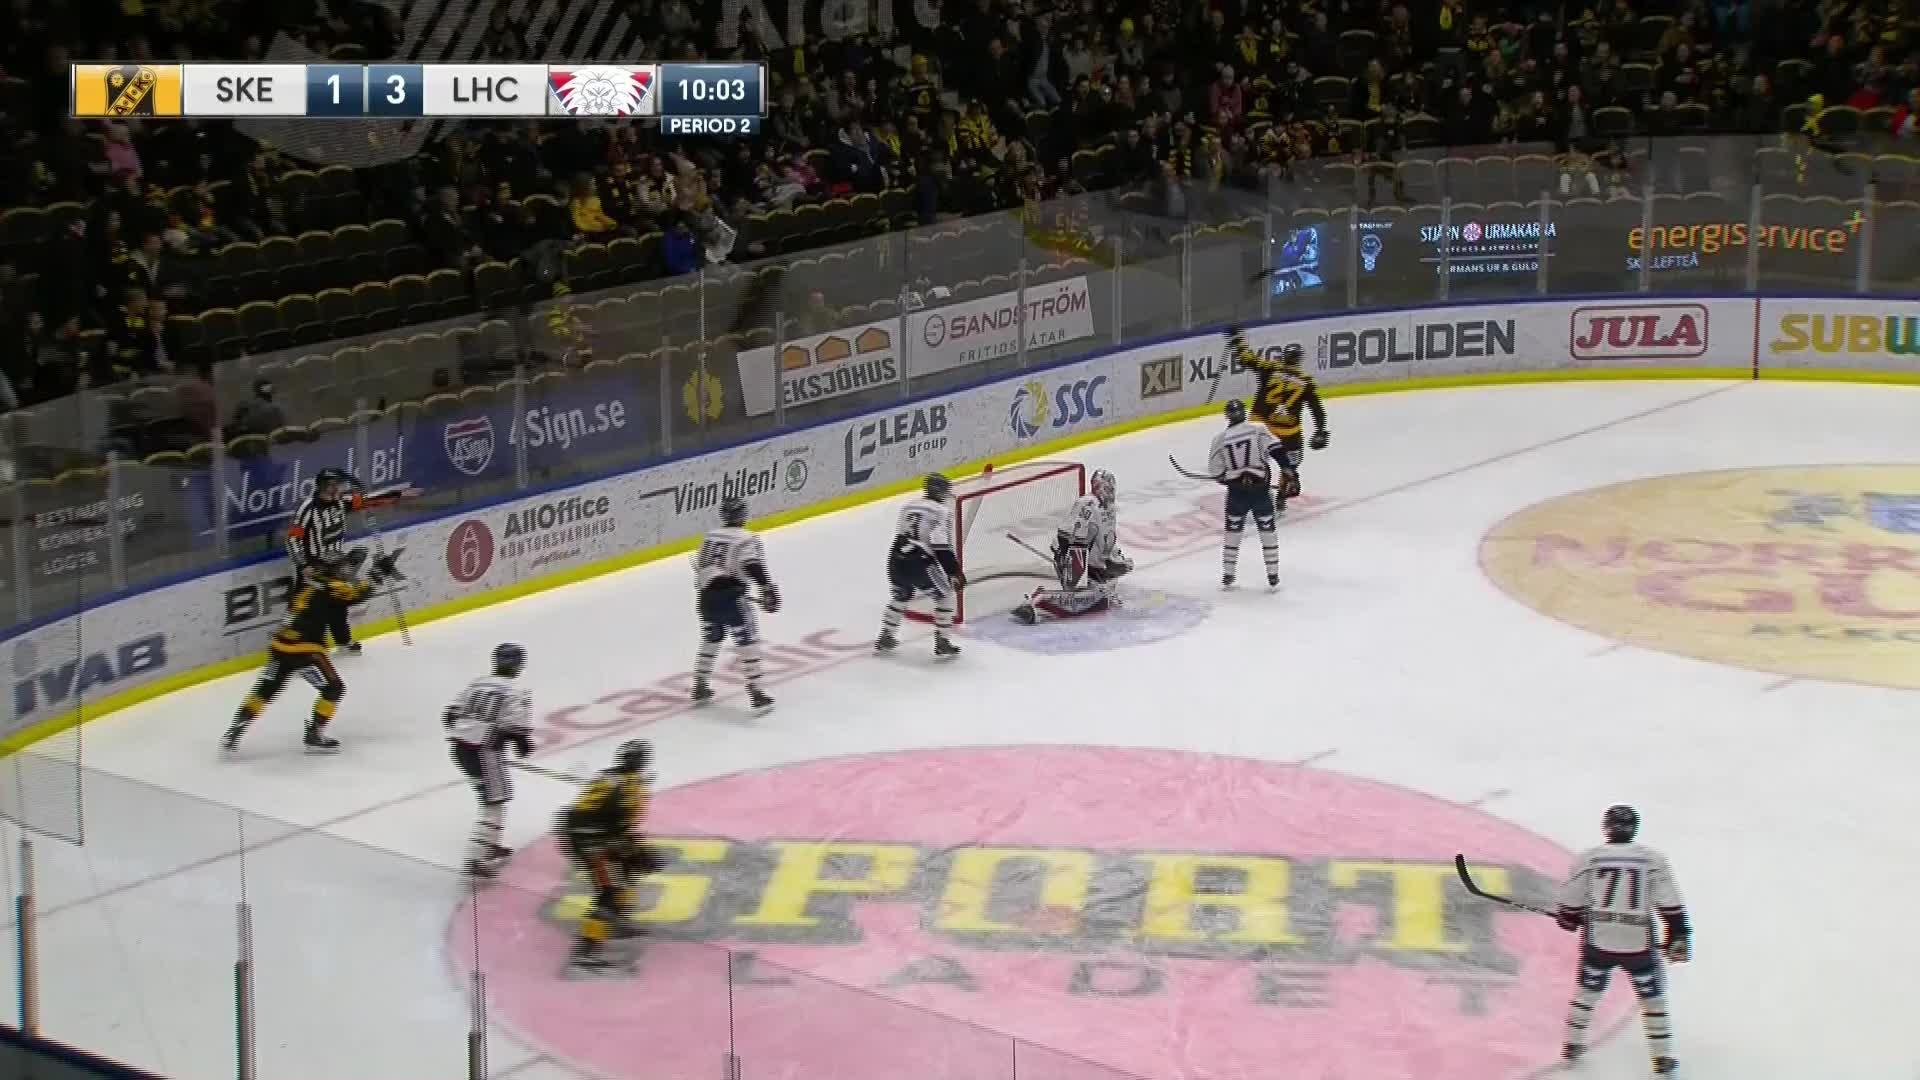 Skellefteå AIK - Linköping HC 2-3